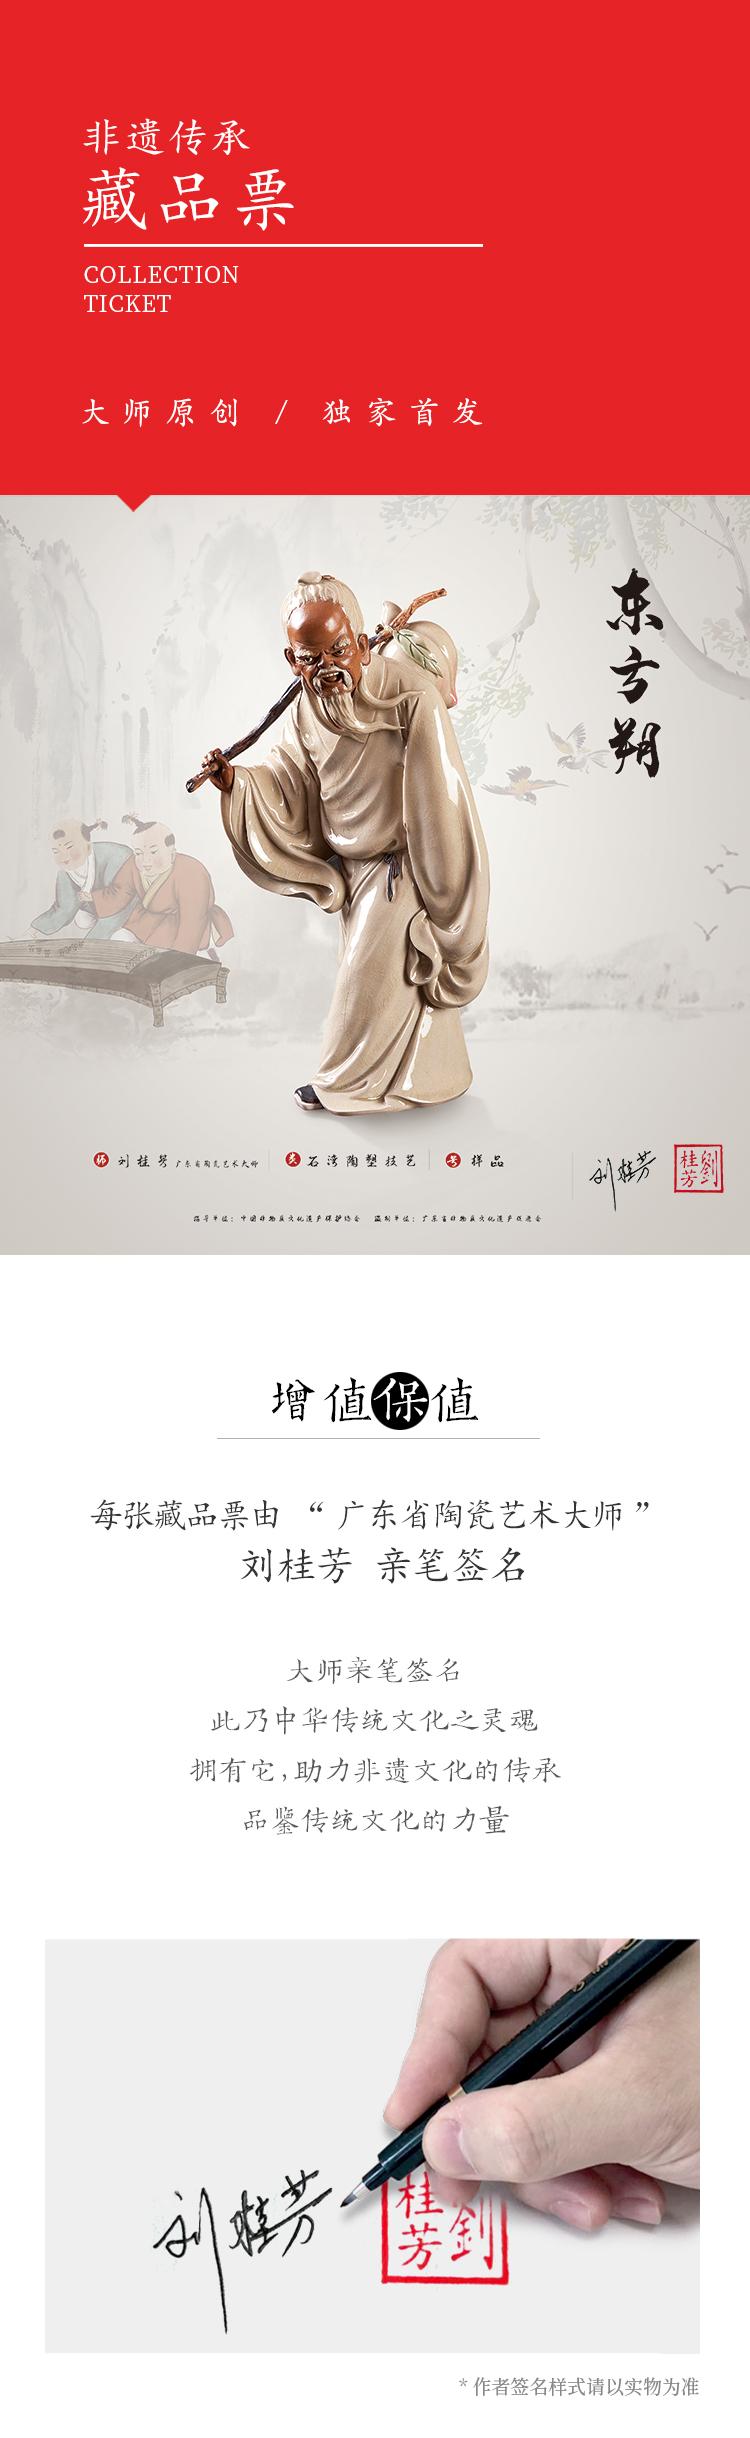 刘桂芳-东方朔_01.jpg